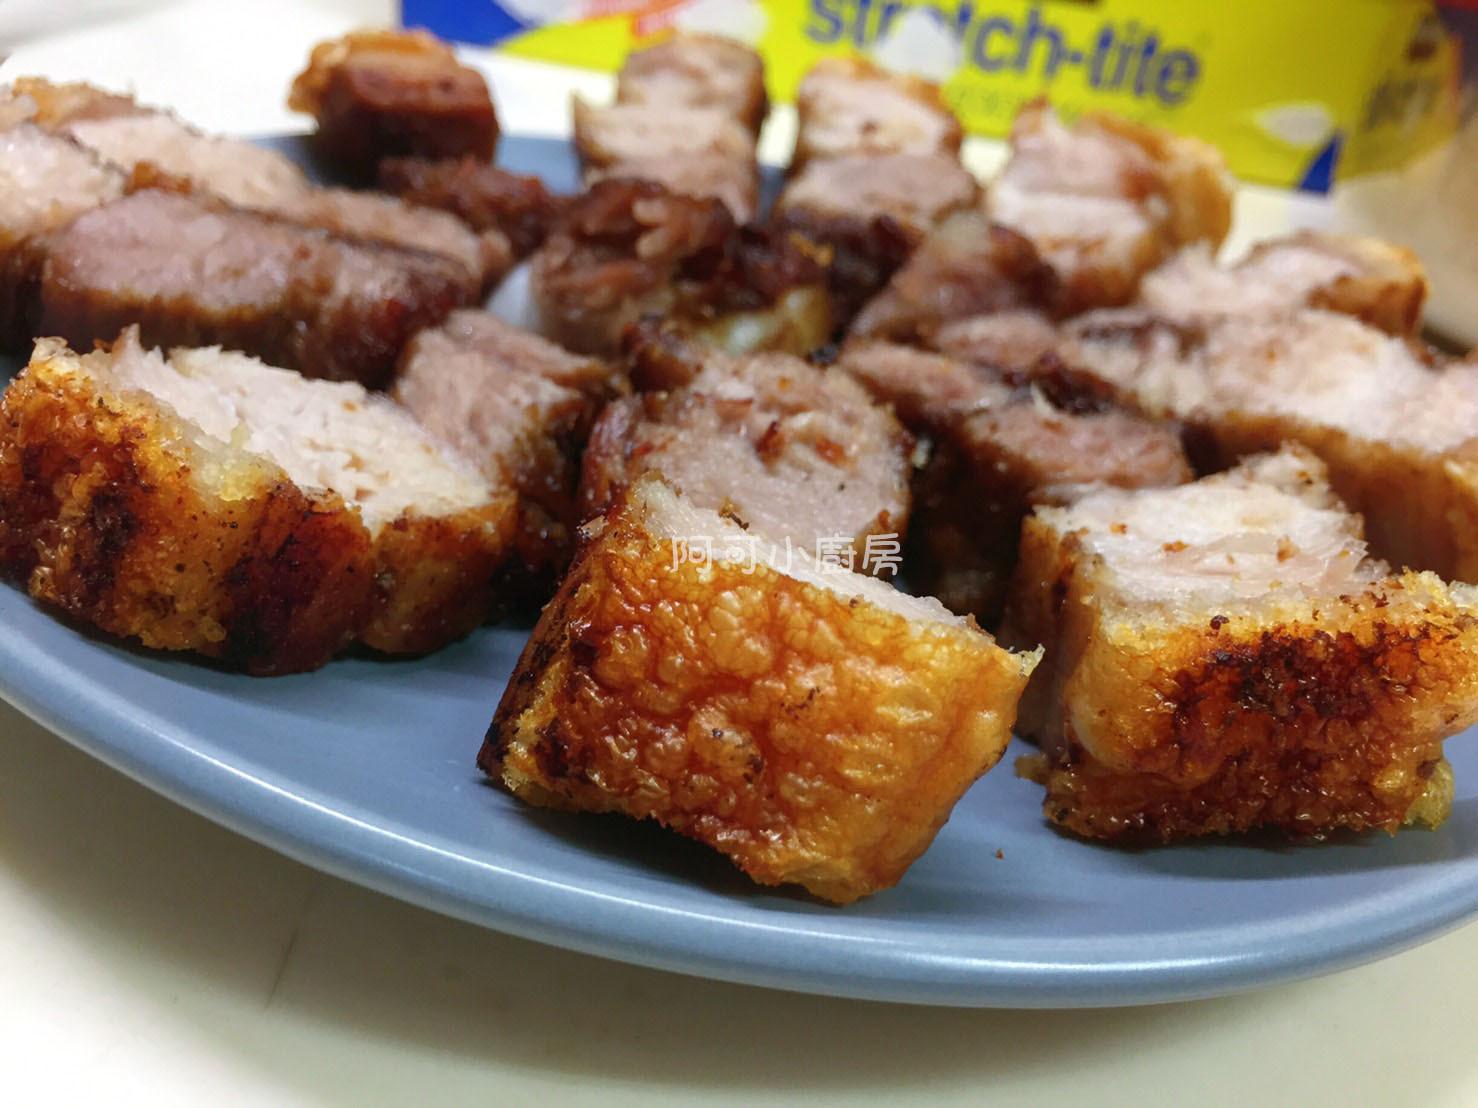 ✨脆皮燒肉✨卡滋卡滋真美味(氣炸鍋版)